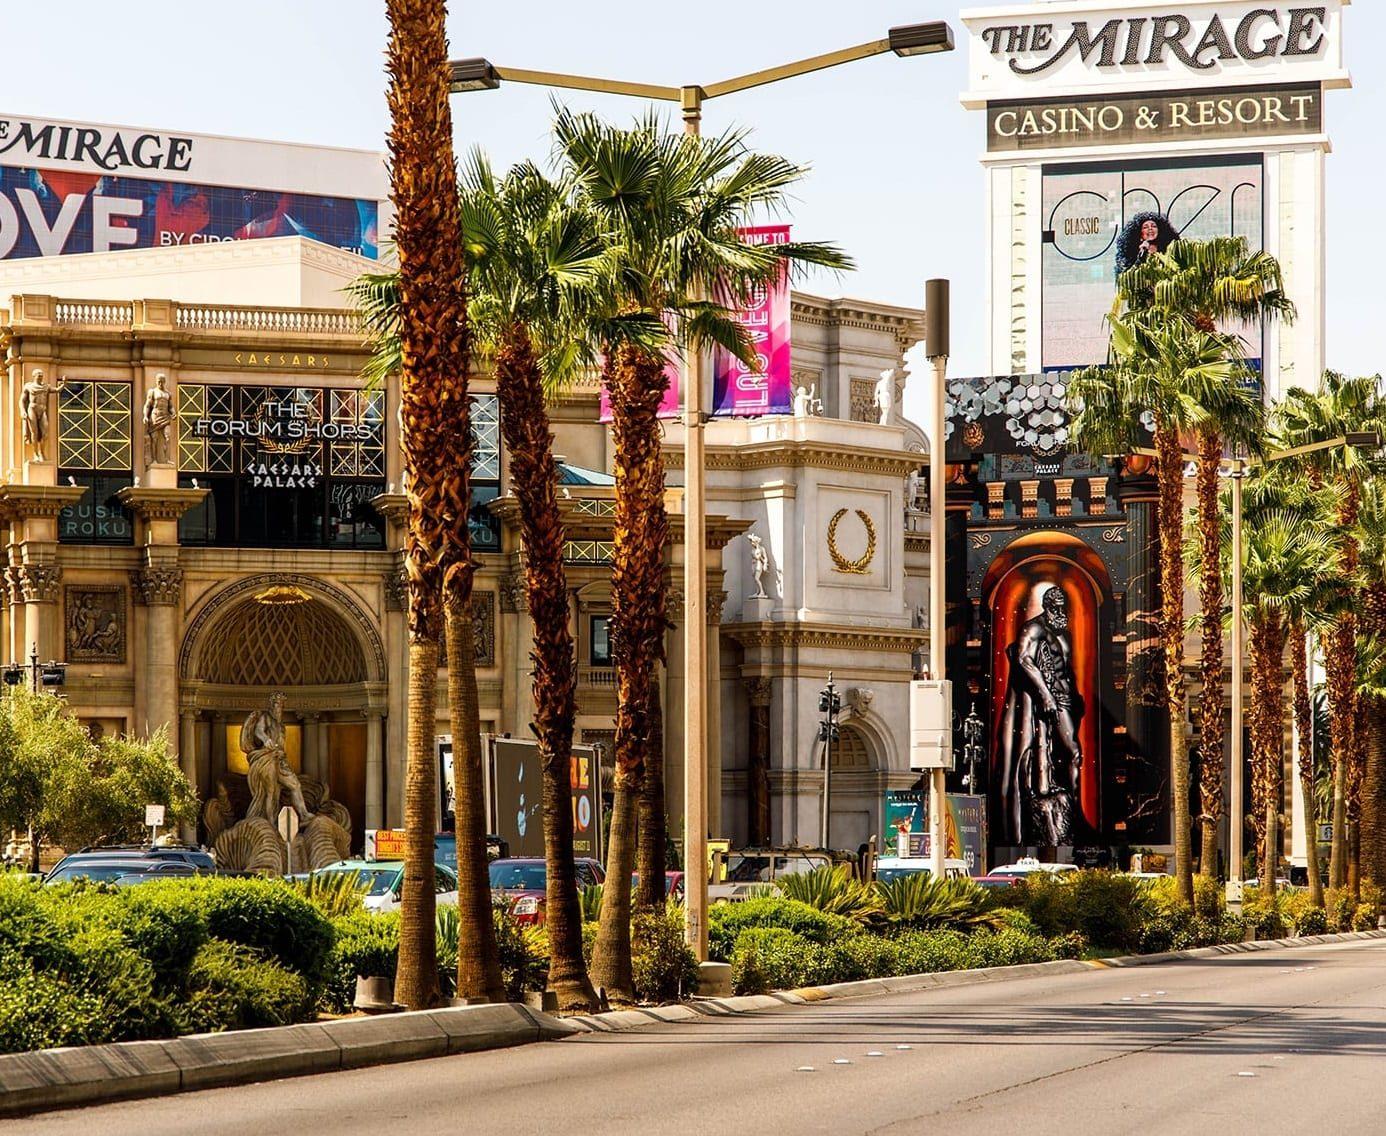 The Mirage Casino and Resort Gaming Hero